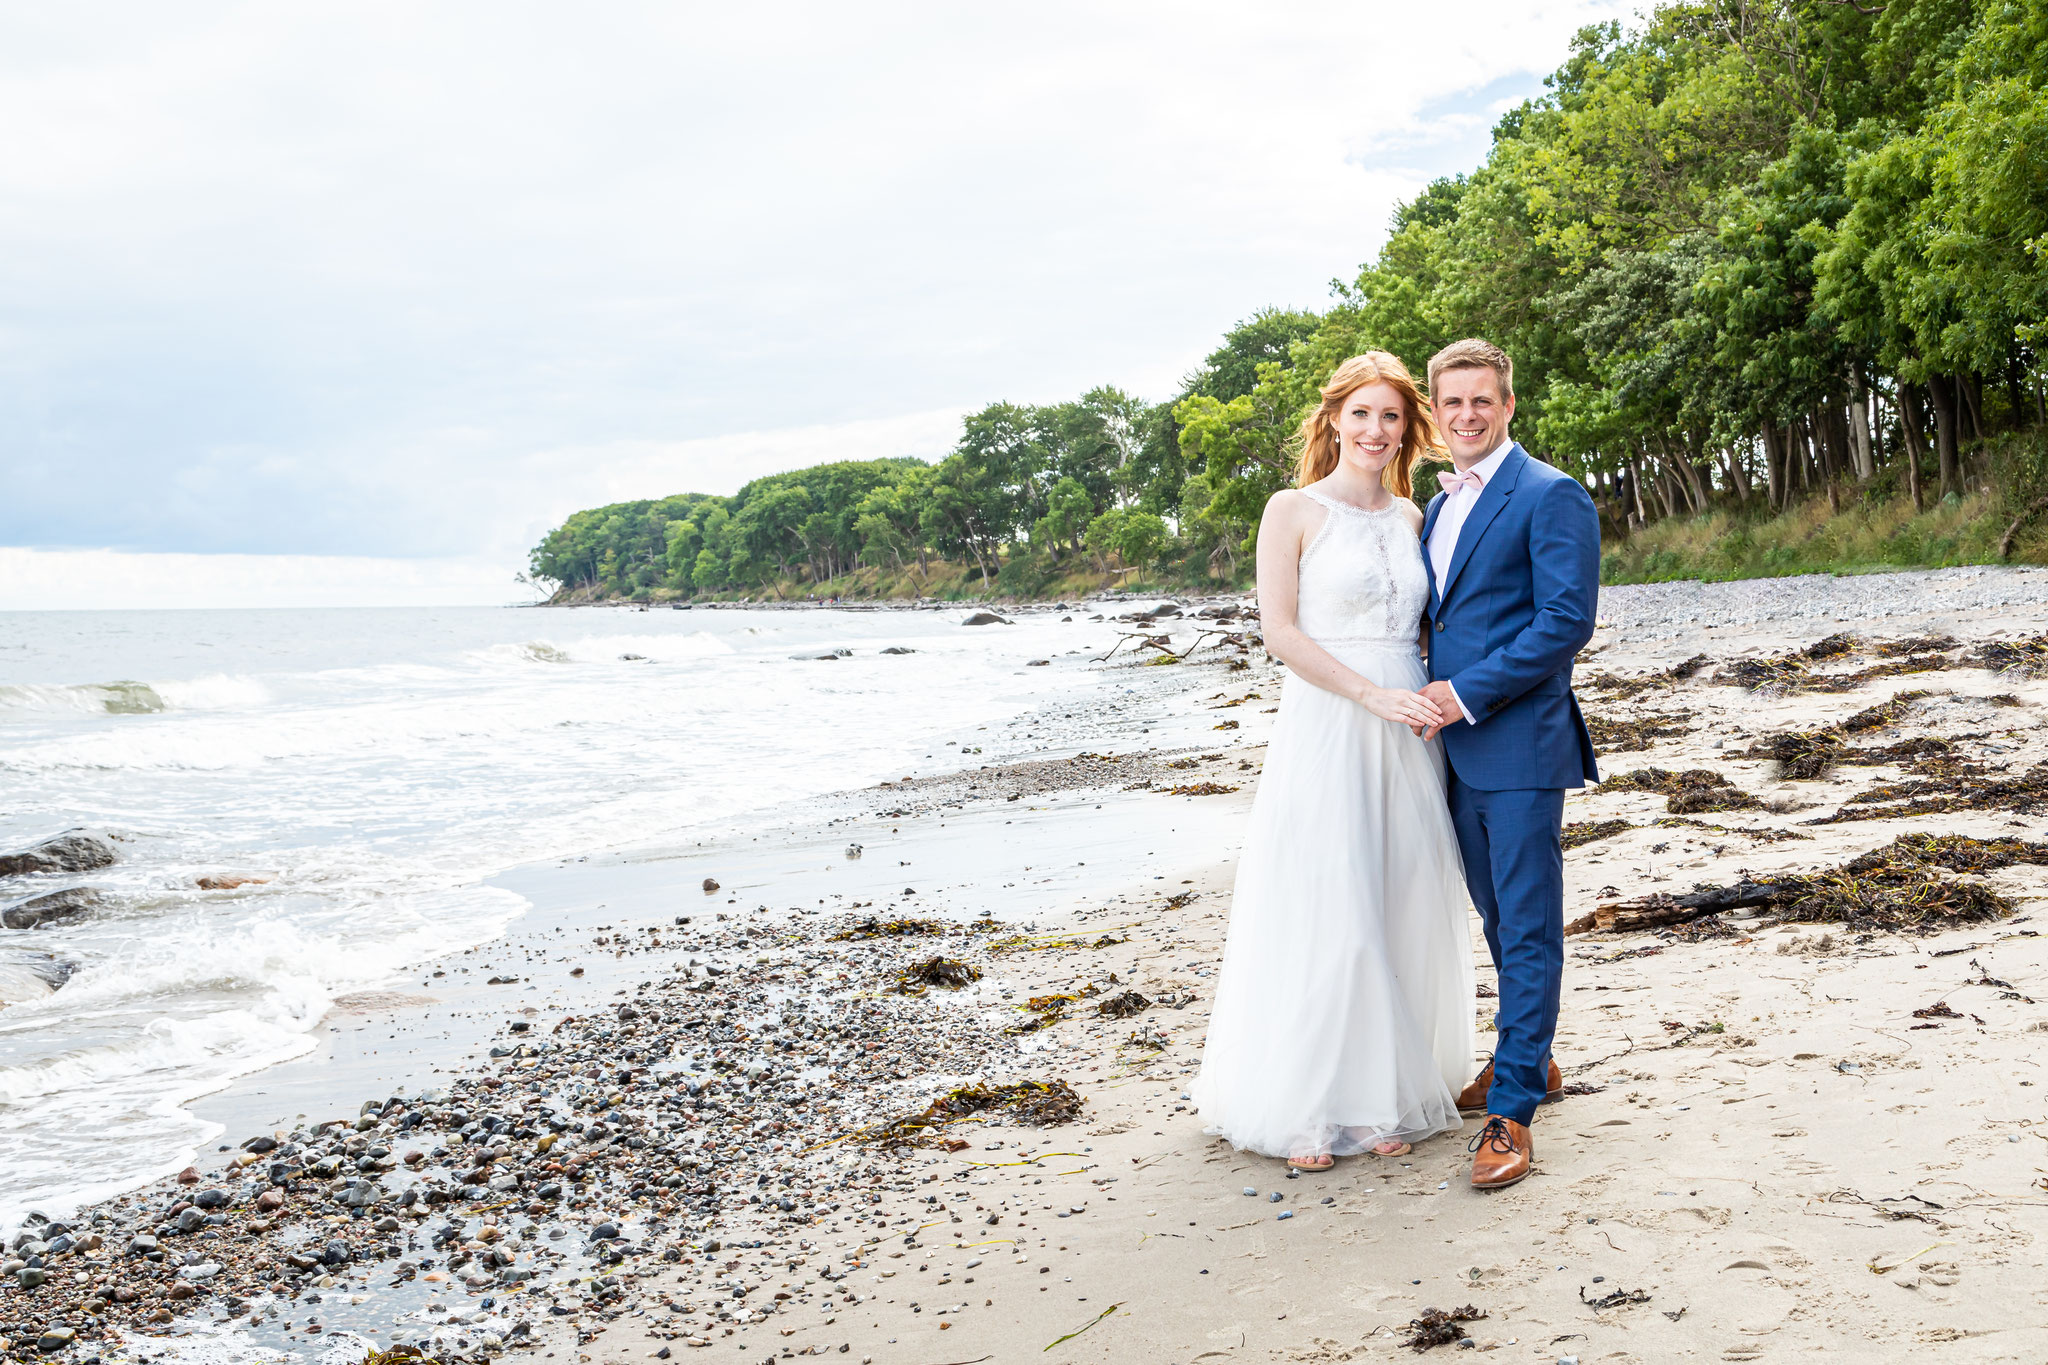 Hochzeitsfotografie Hamburg, Dieses Hochzeitsfoto ist am Strand auf der Insel Sylt entstanden mit einem bezaubernden Brautpaar. Vom Fotografen Dennis Bober in Lübeck.